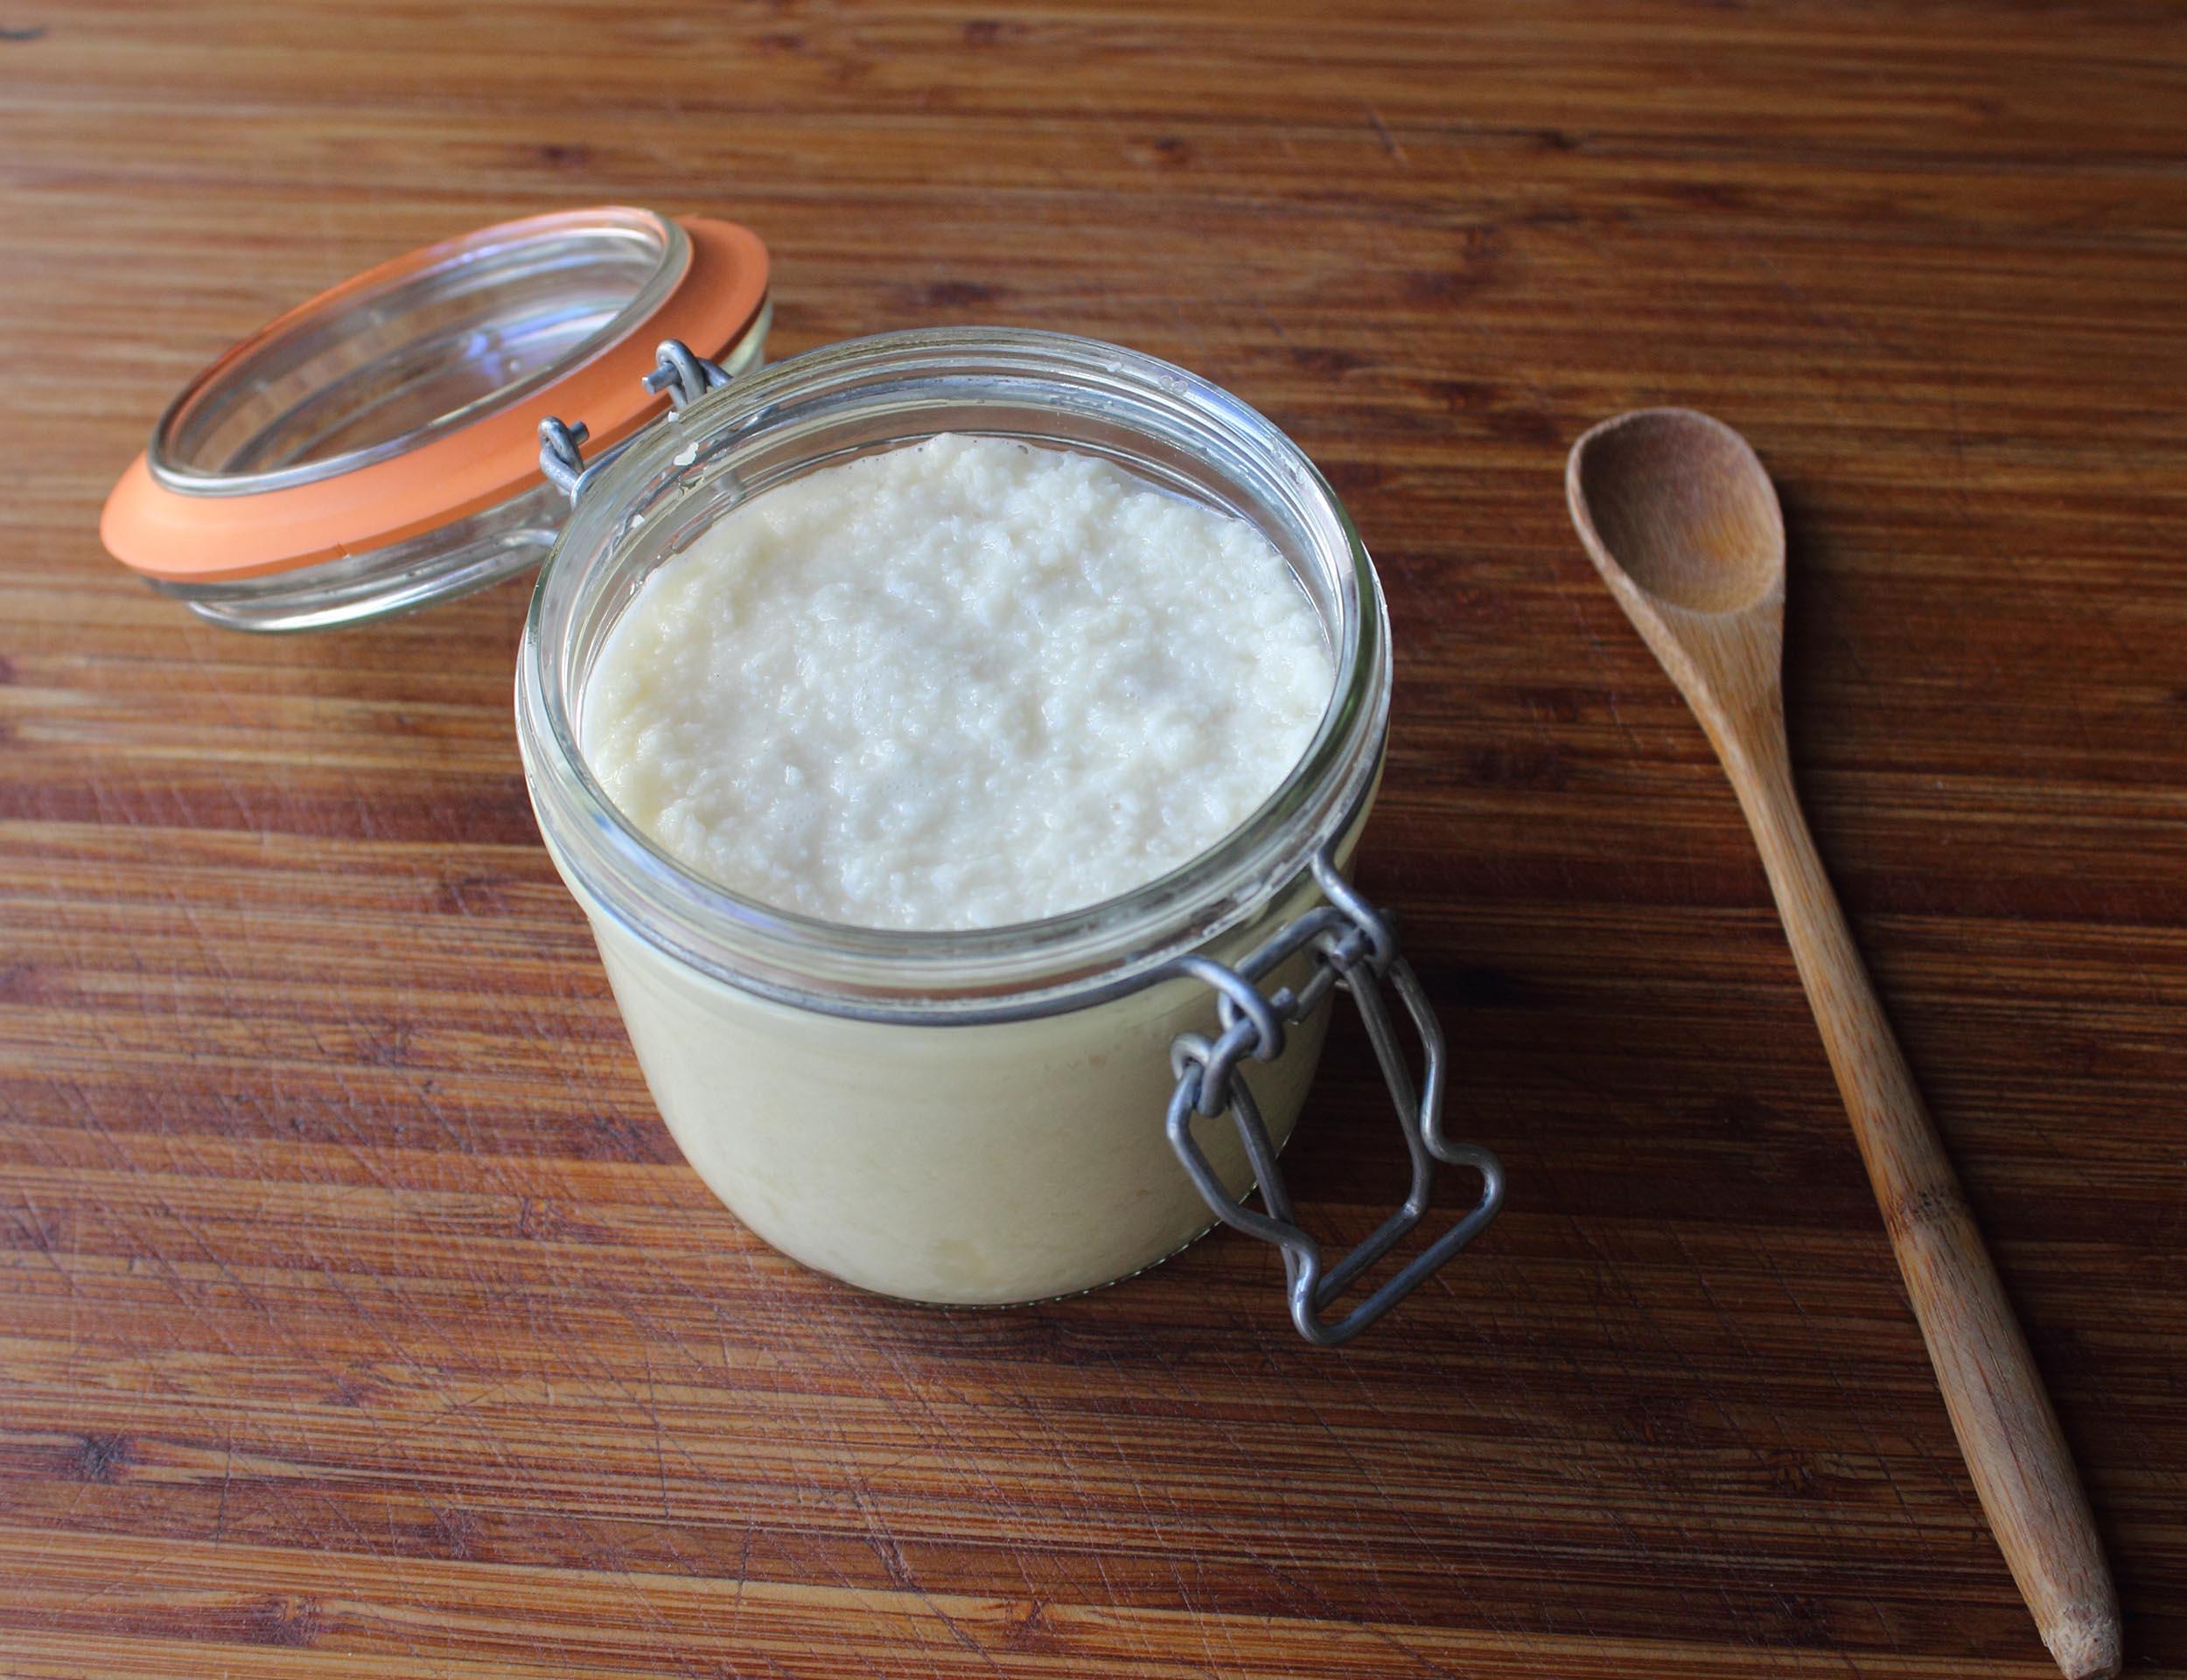 Homemade Prepared Hot Horseradish_image